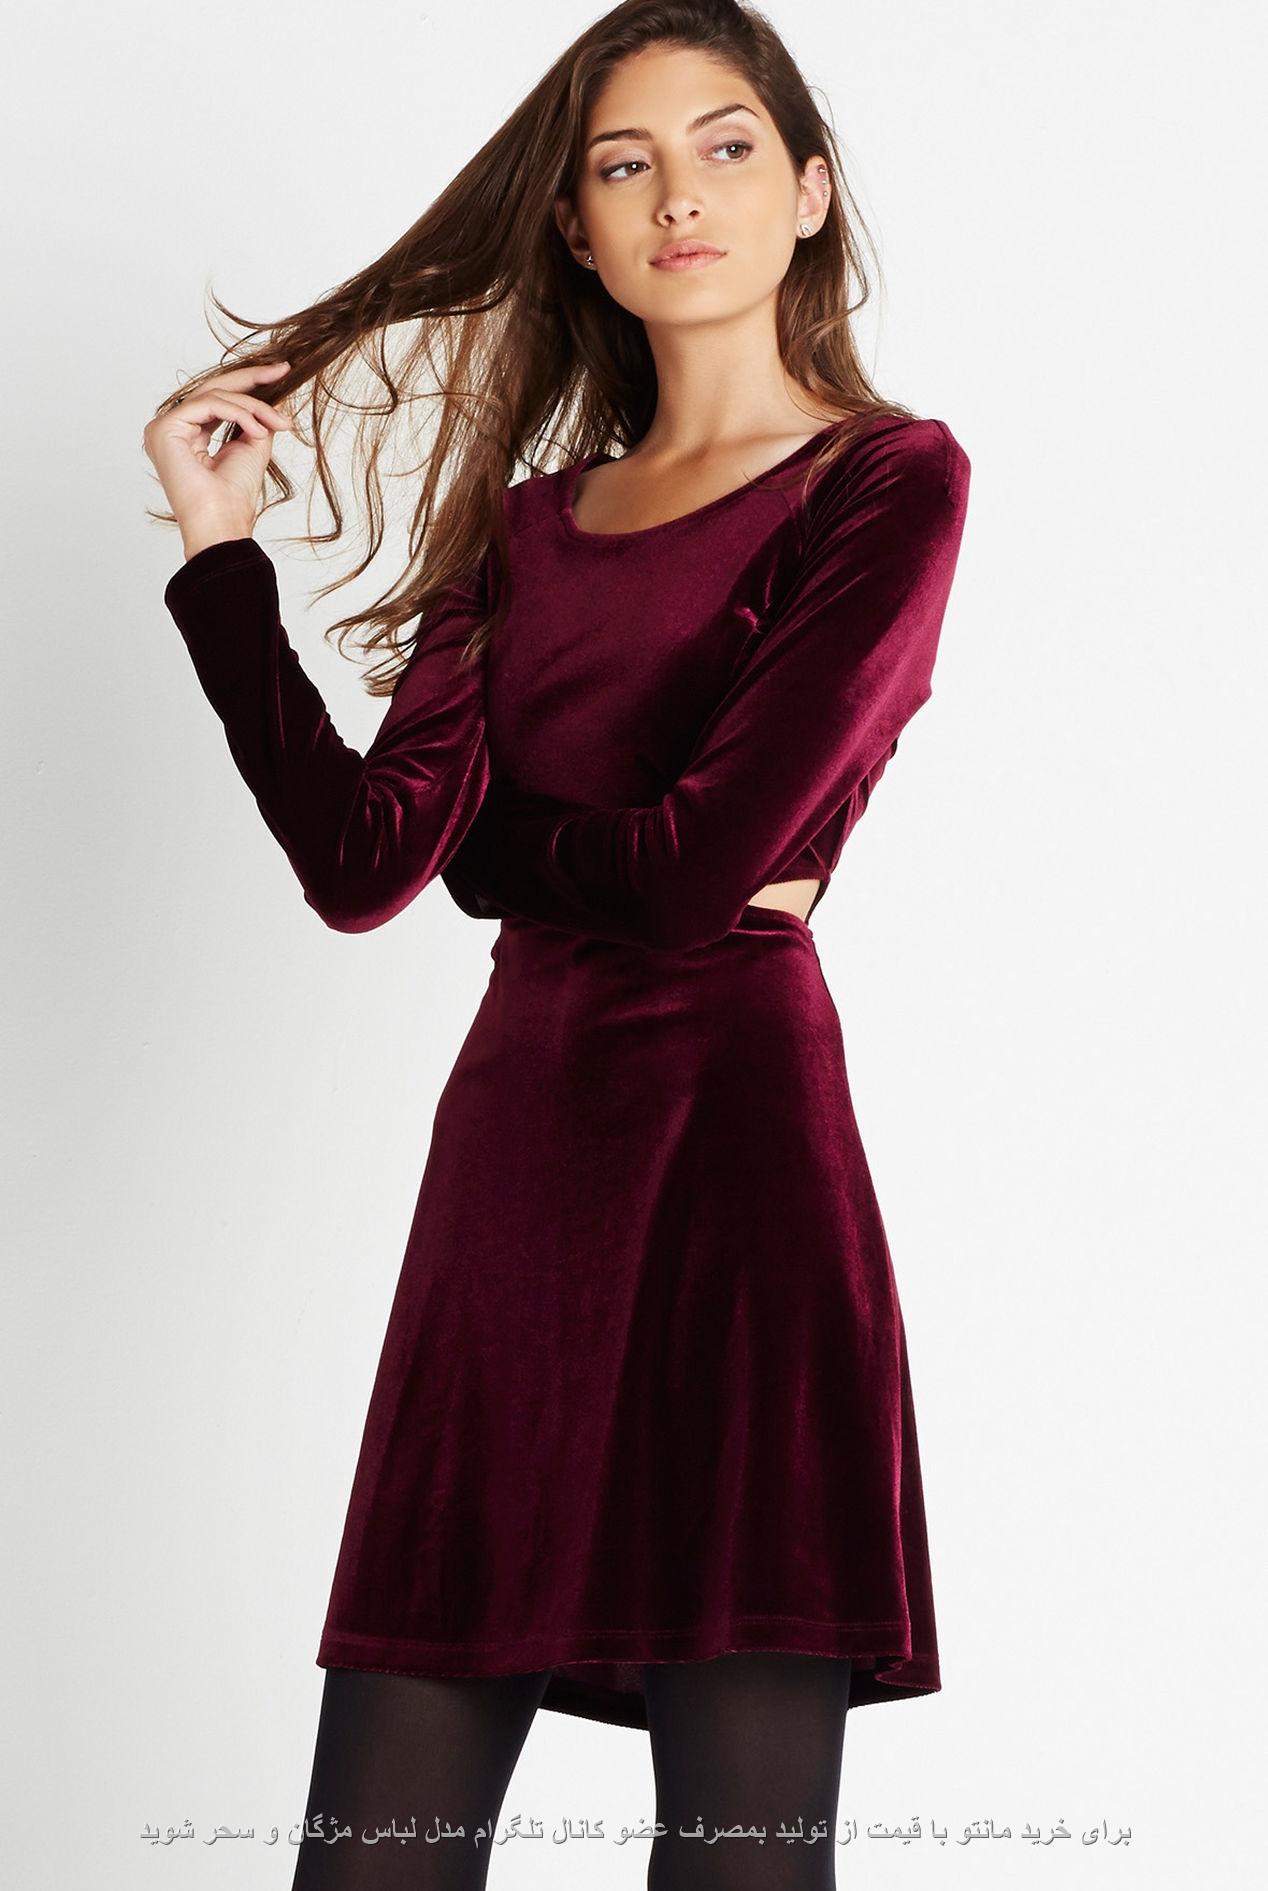 جدیدترین مدل لباس مخمل مجلسی کوتاه با رنگ زرشکی